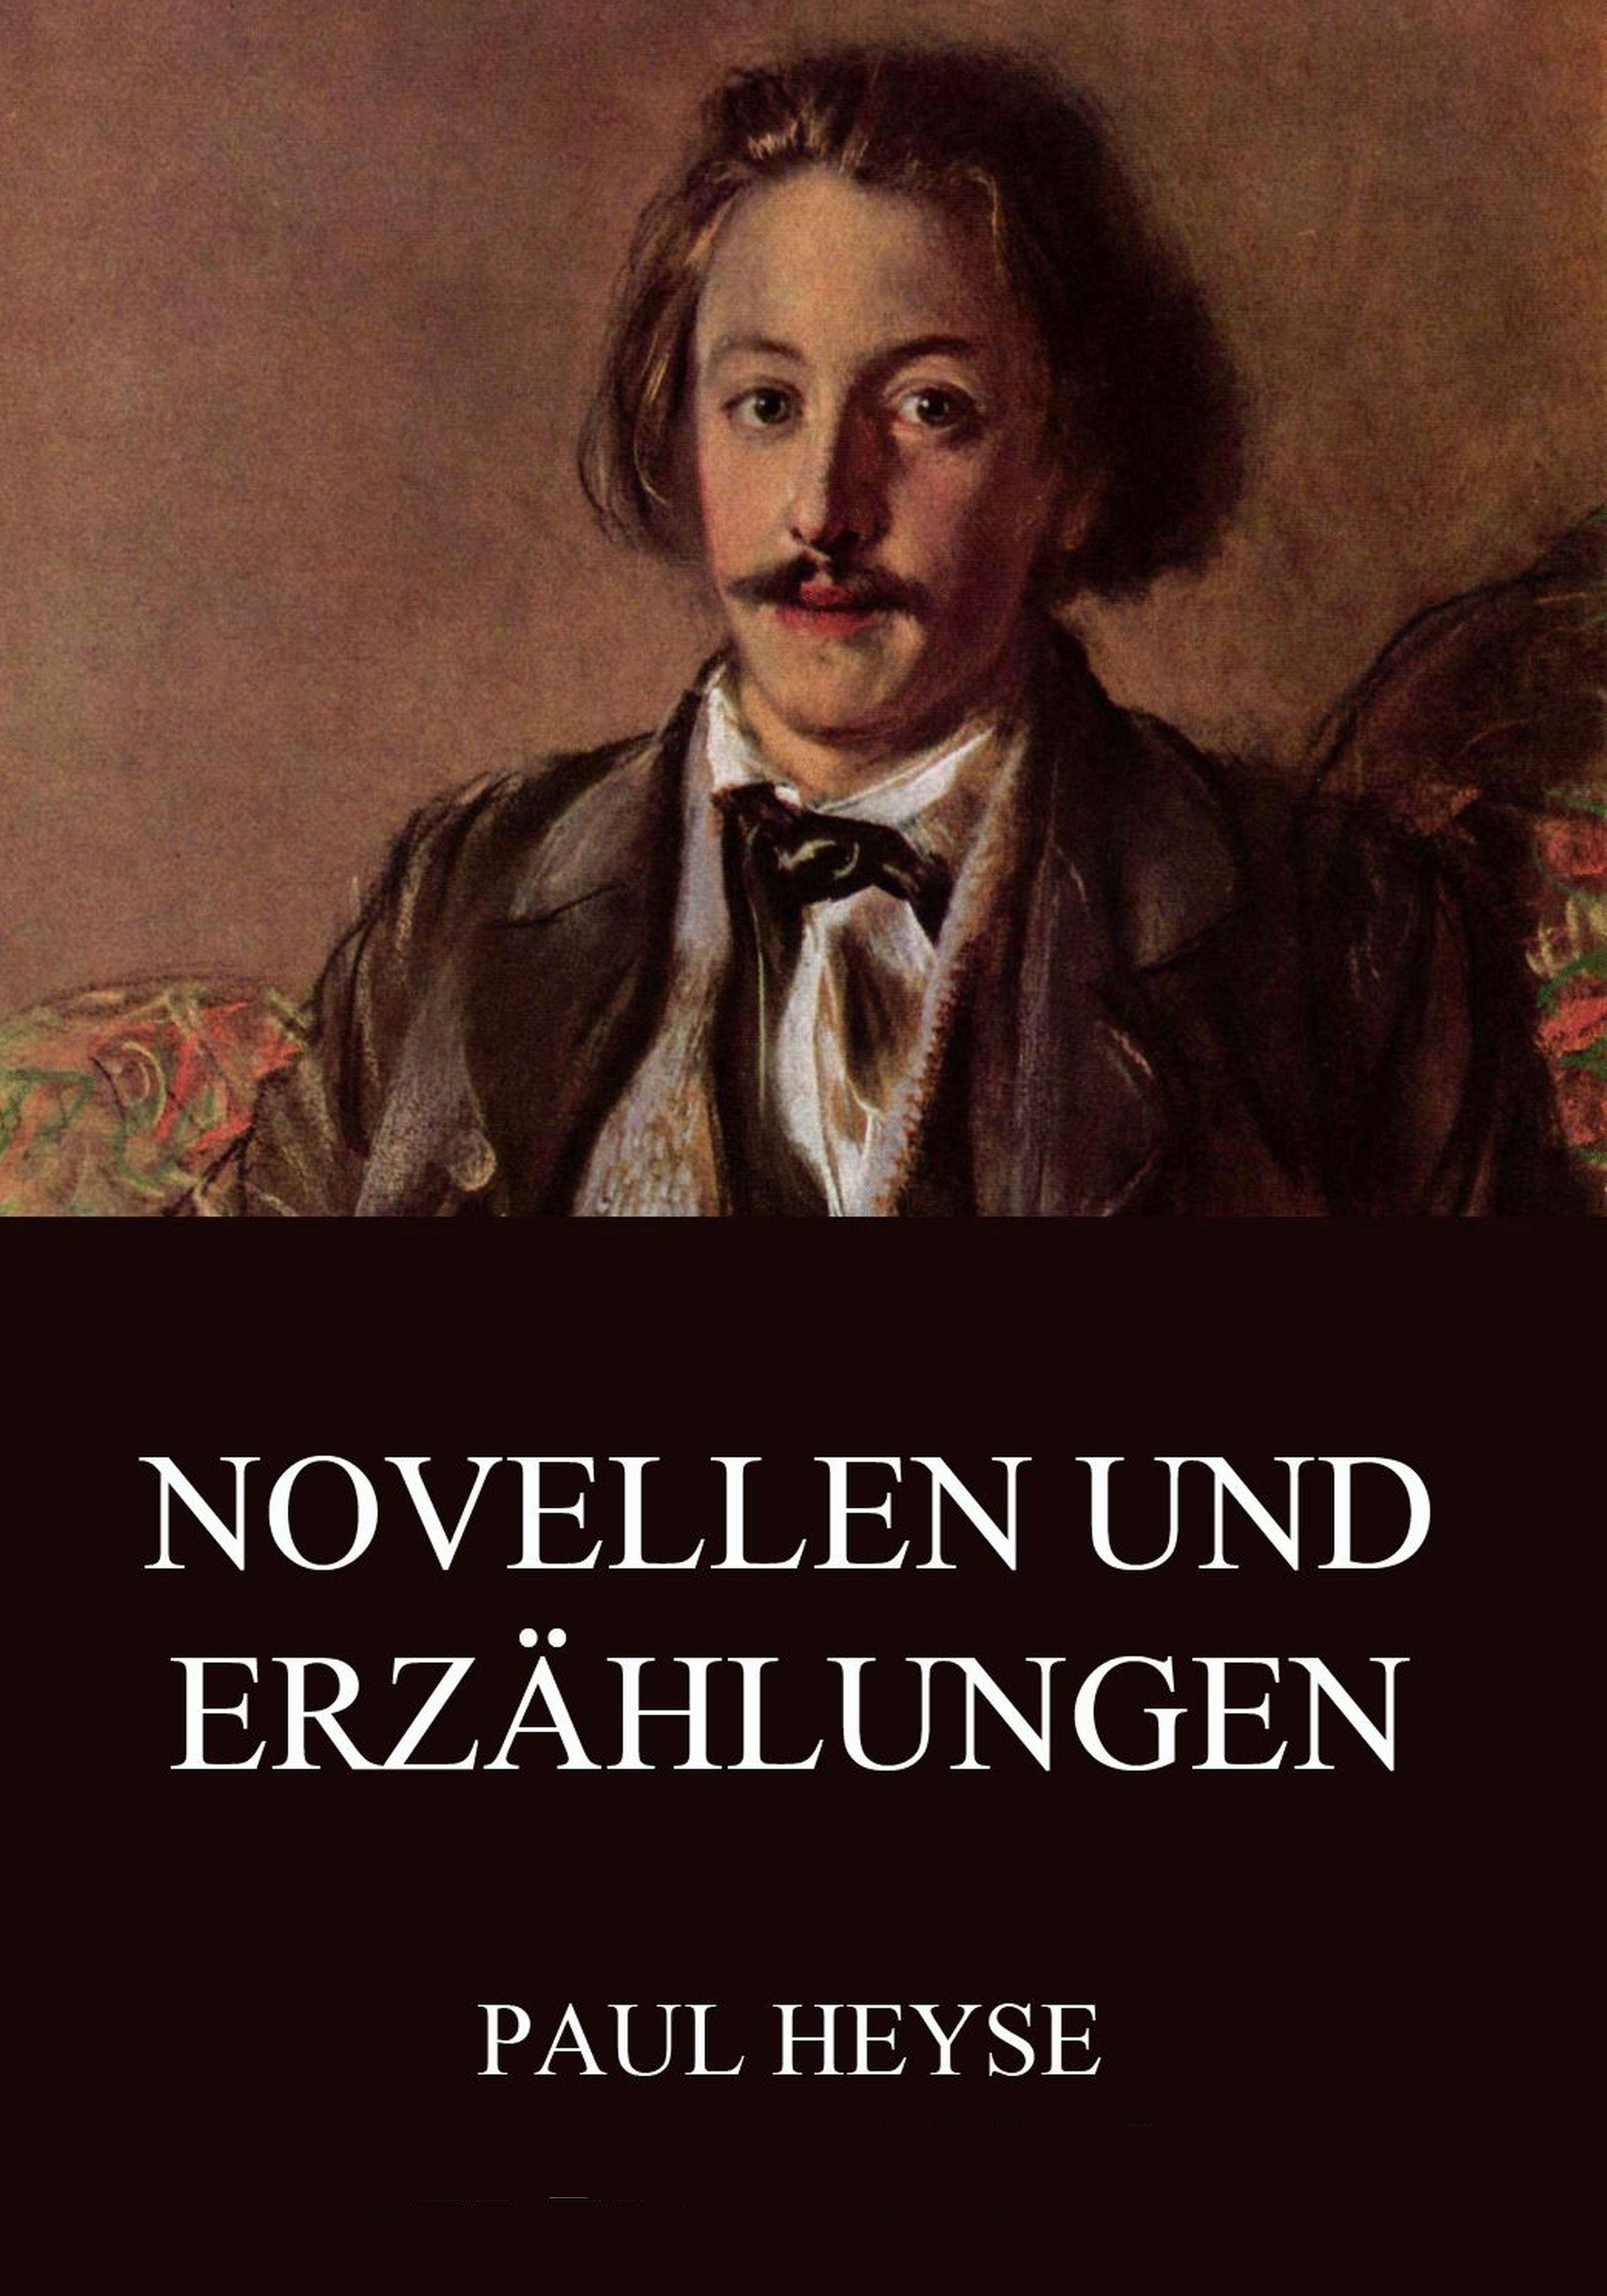 Paul Heyse Novellen und Erzählungen